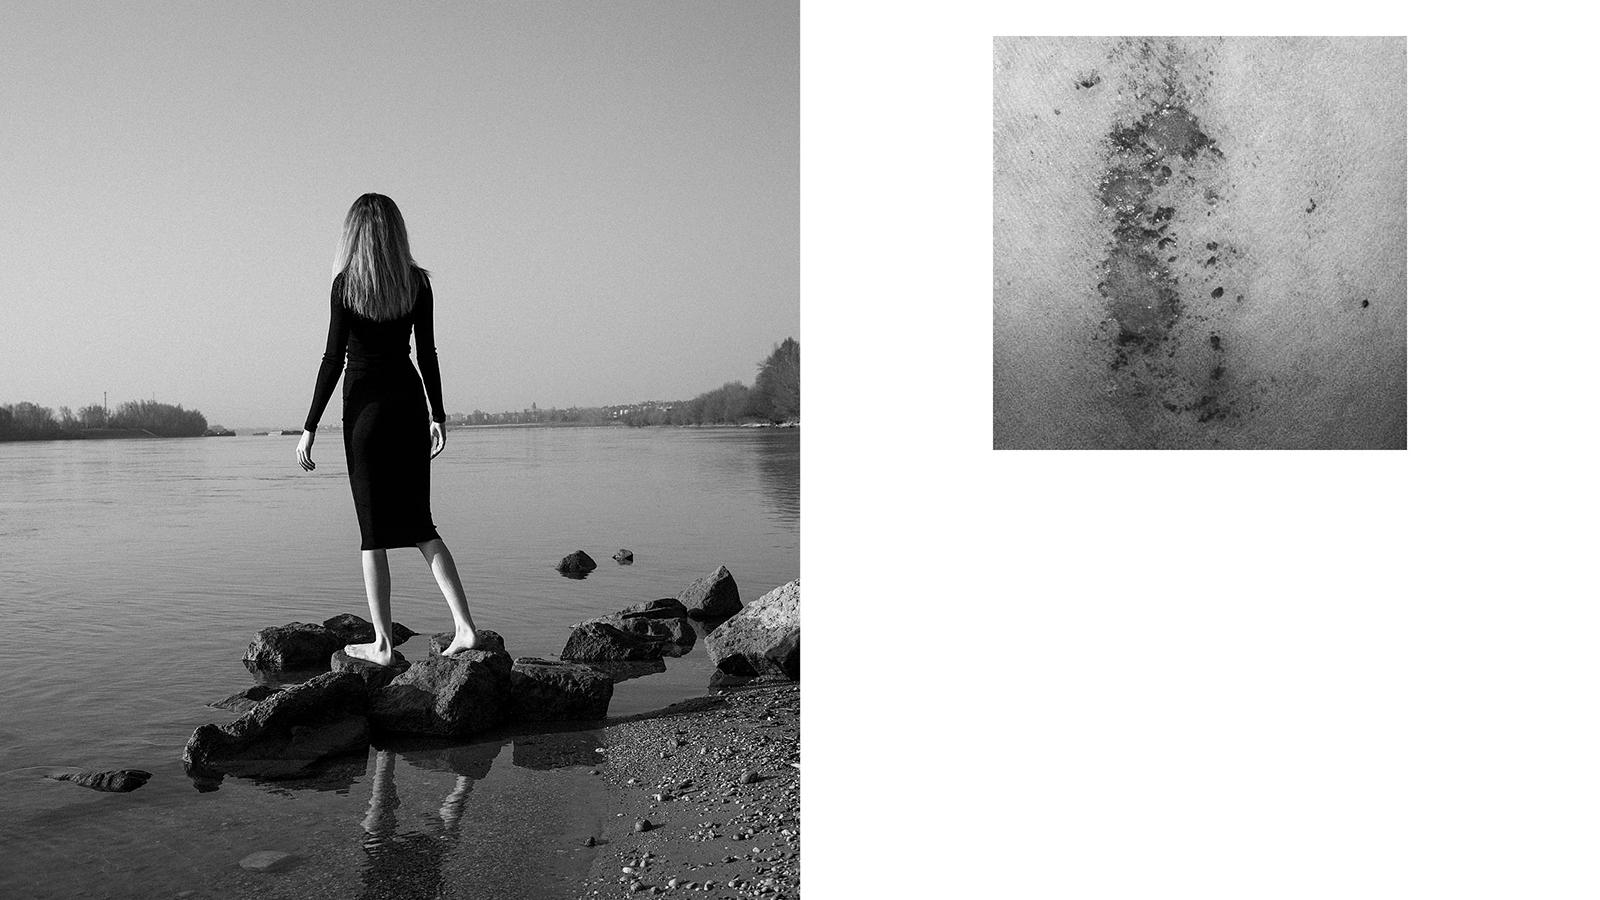 hellodesign-kedveskatalin-depresszio-01.jpg